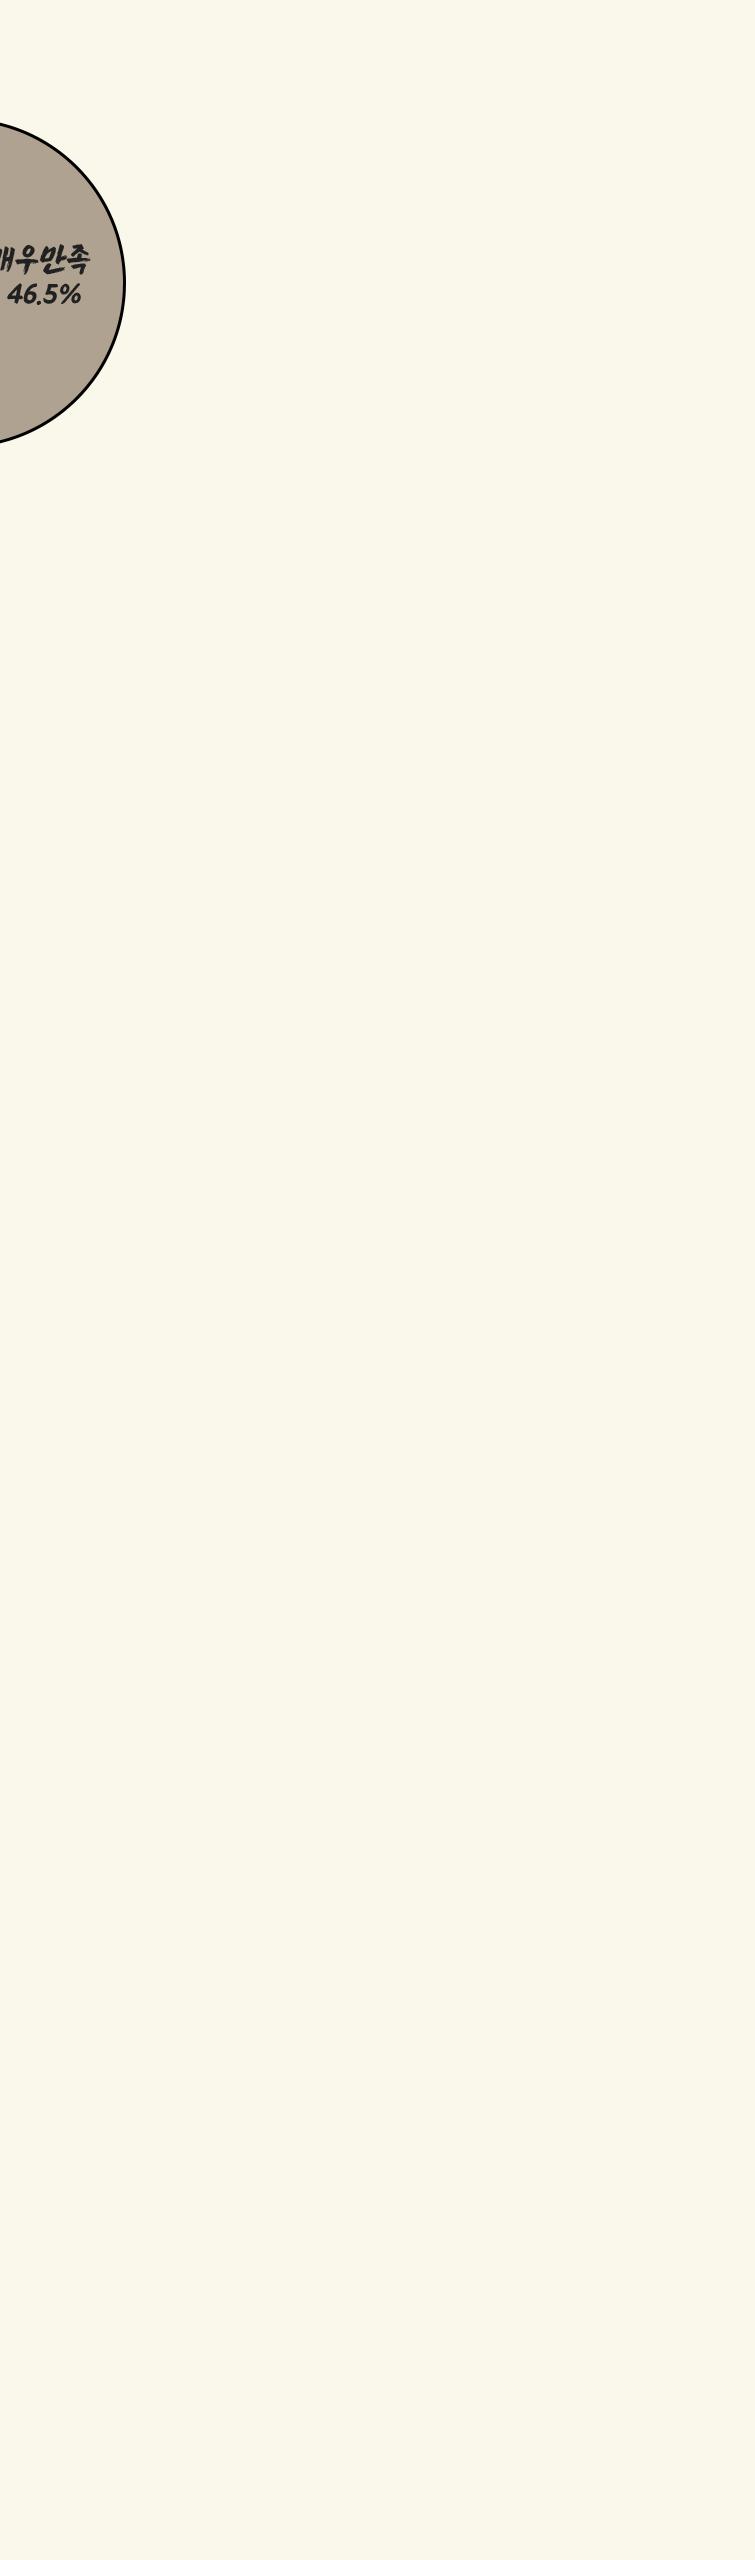 가비국어 교재 만족도 97.3%*